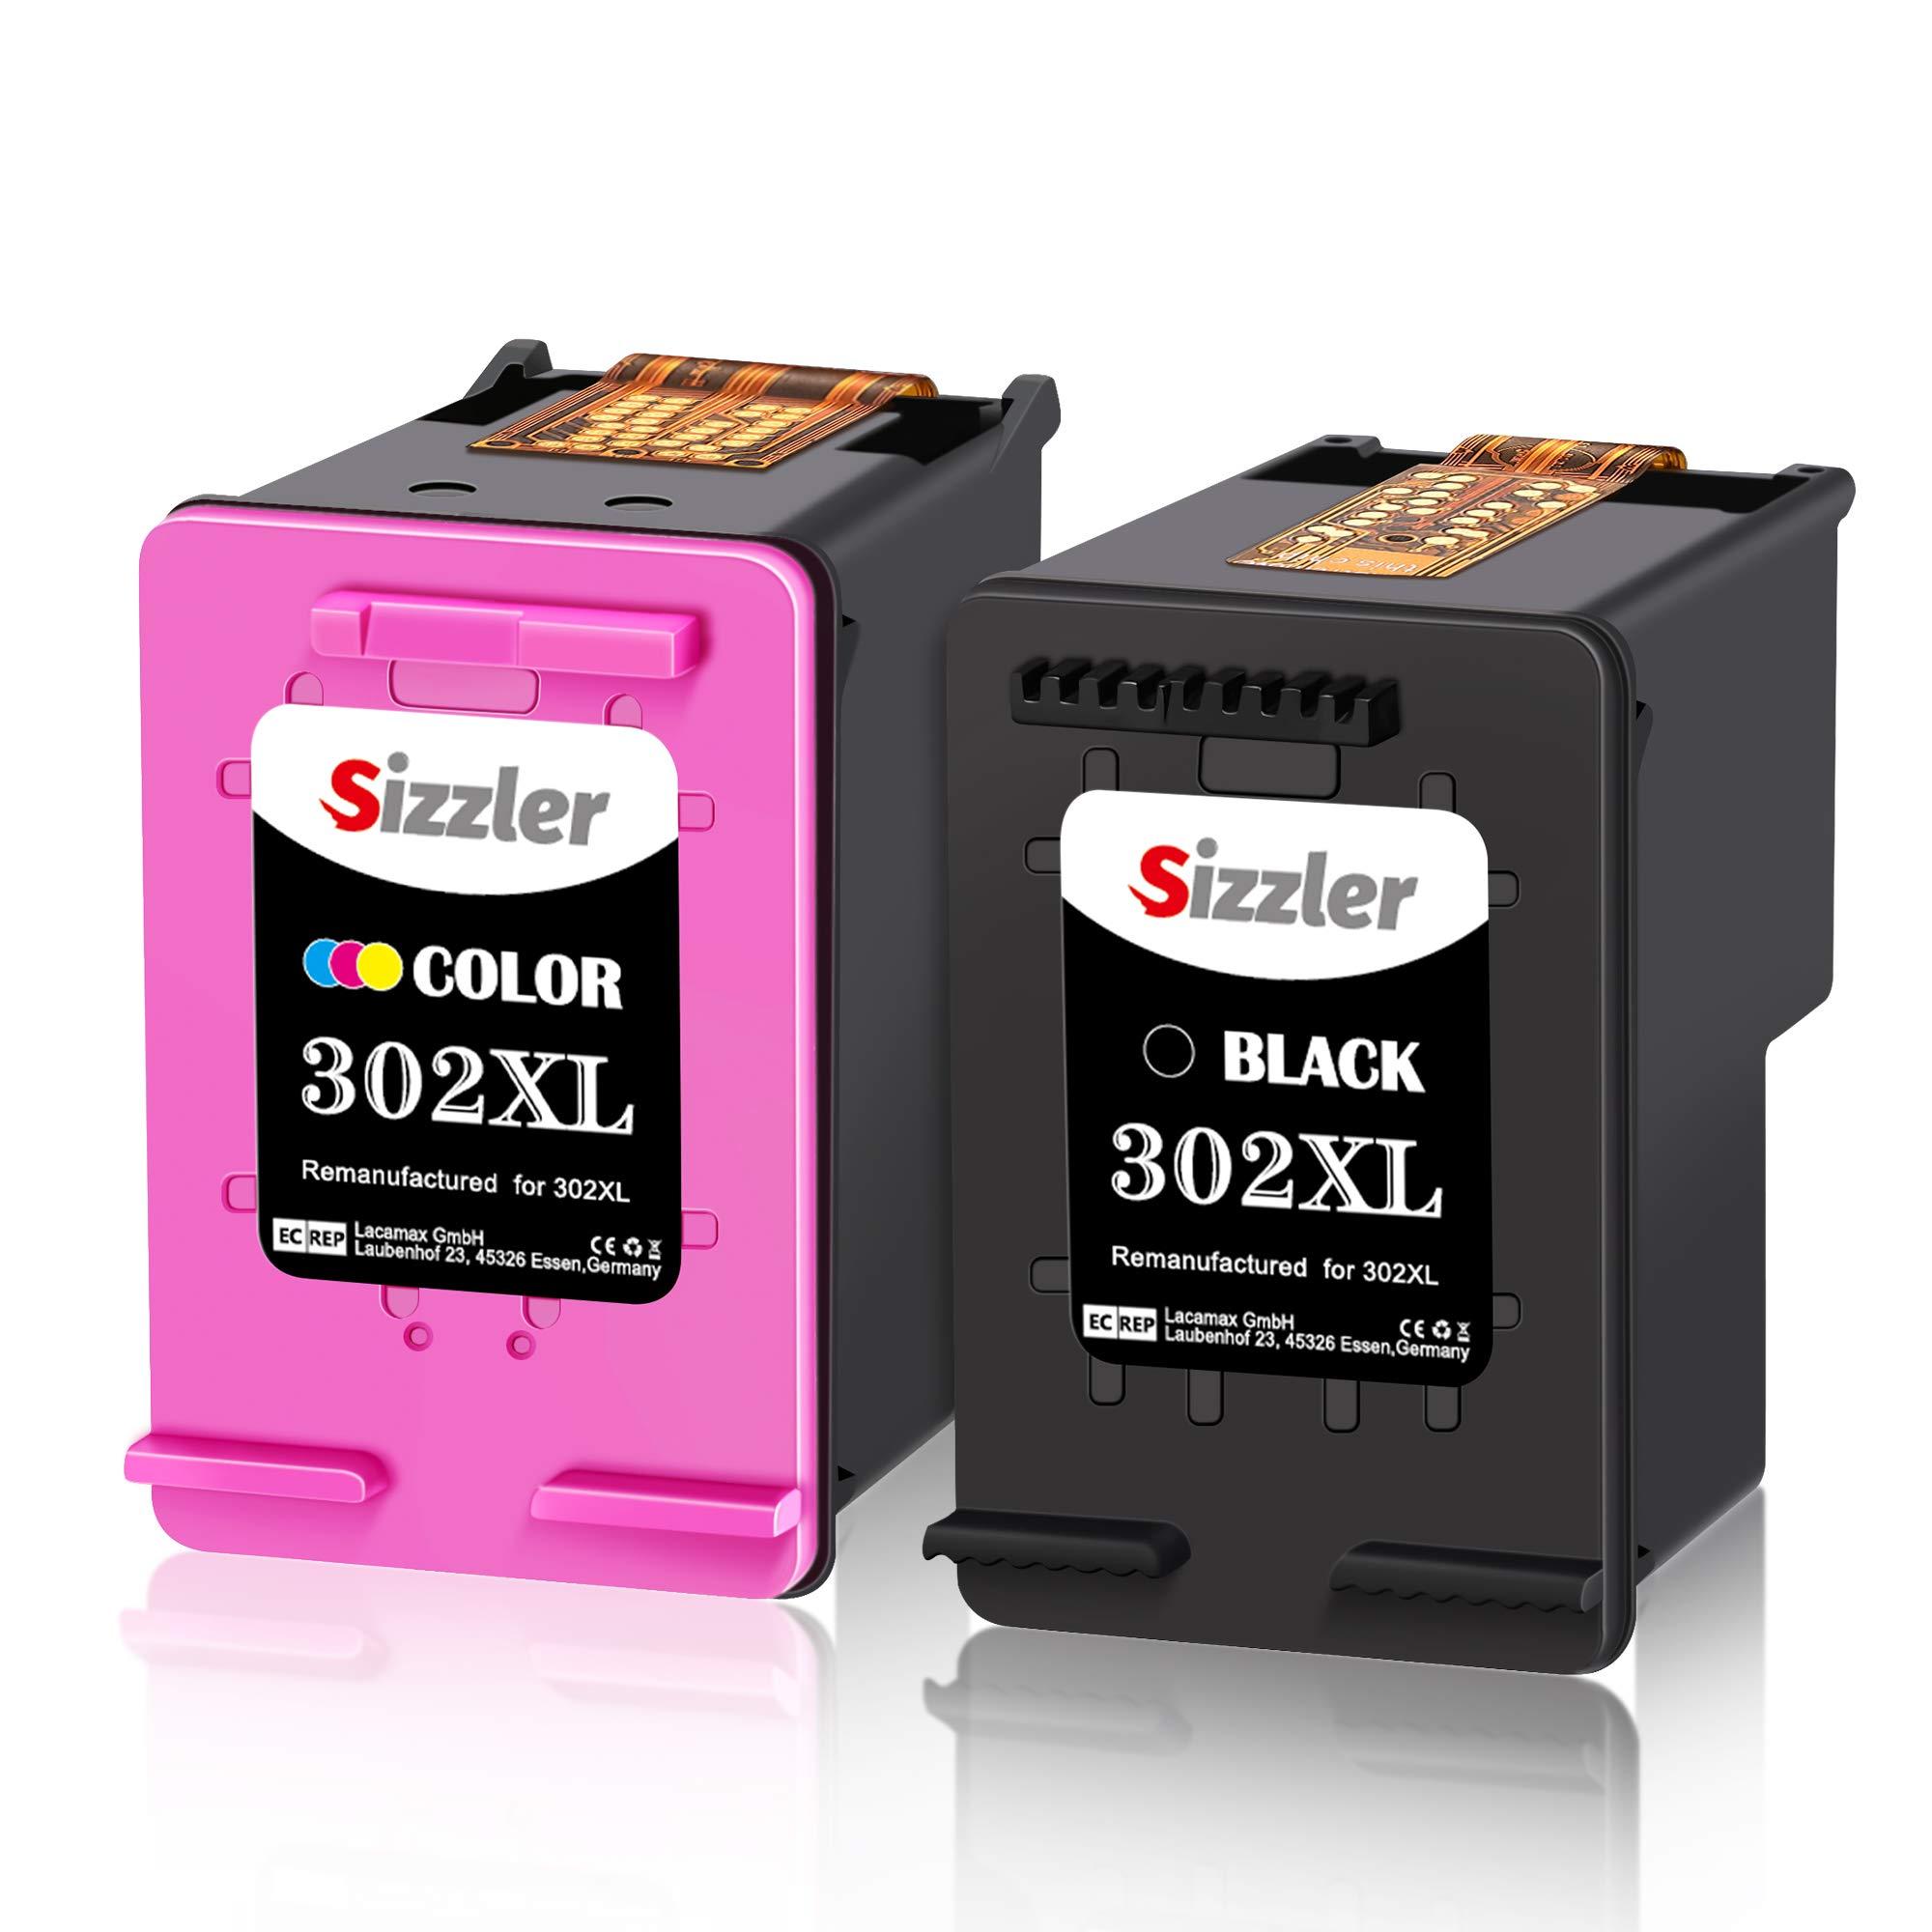 Sizzler-302XL-Remanufactured-Ersatz-fr-HP-302-Druckerpatronen-Kompatibel-mit-HP-DeskJet-3630-3636-2130-3632-1110-3637-Envy-4525-4520-4527-4522-OfficeJet-3830-3831-4655-3833-4650-Schwarz-Farbig-1-Schwa